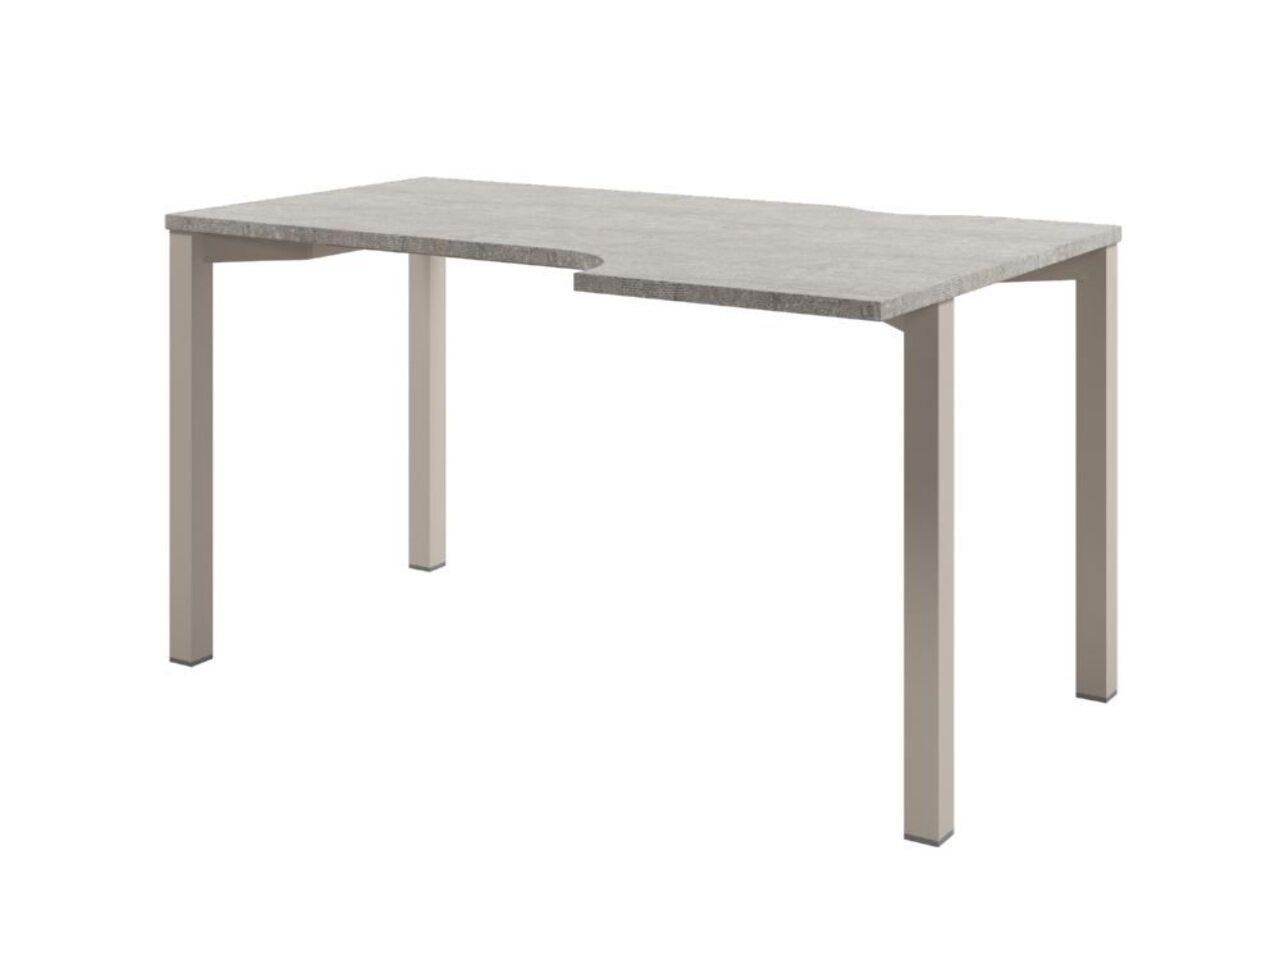 Стол на металлокаркасе  Solution 140x70x75 - фото 1